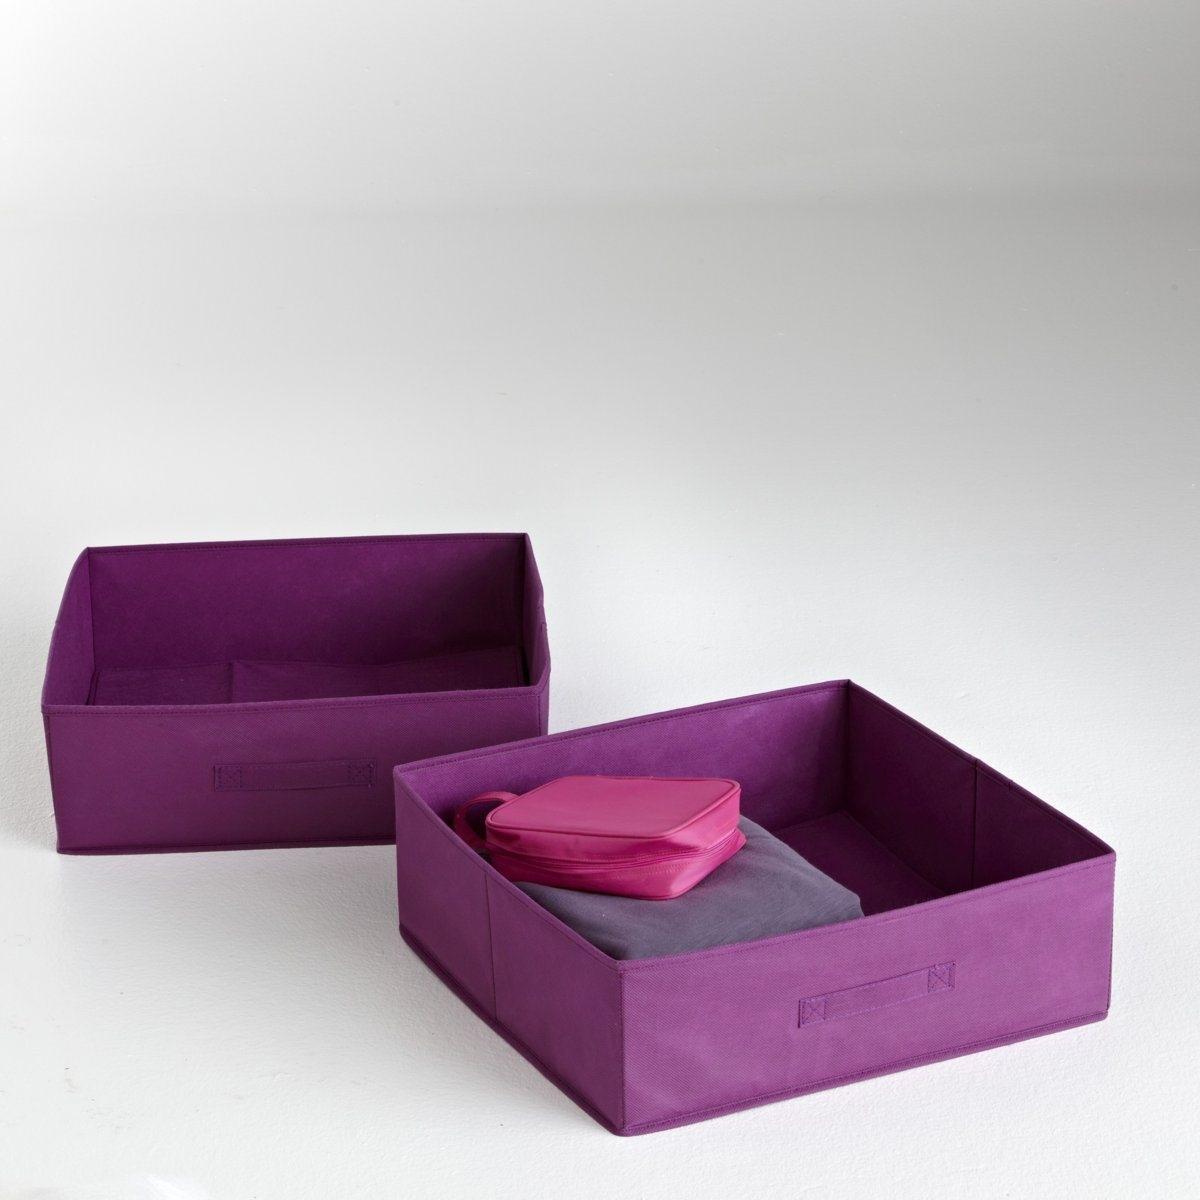 2 ящика складныхКрасивое и оригинальное решением для хранения вещей. Складной ящик из нетканого материала. Картонная основа. Размер: 45 х 15 х 45 см.<br><br>Цвет: фиолетовый/ сливовый